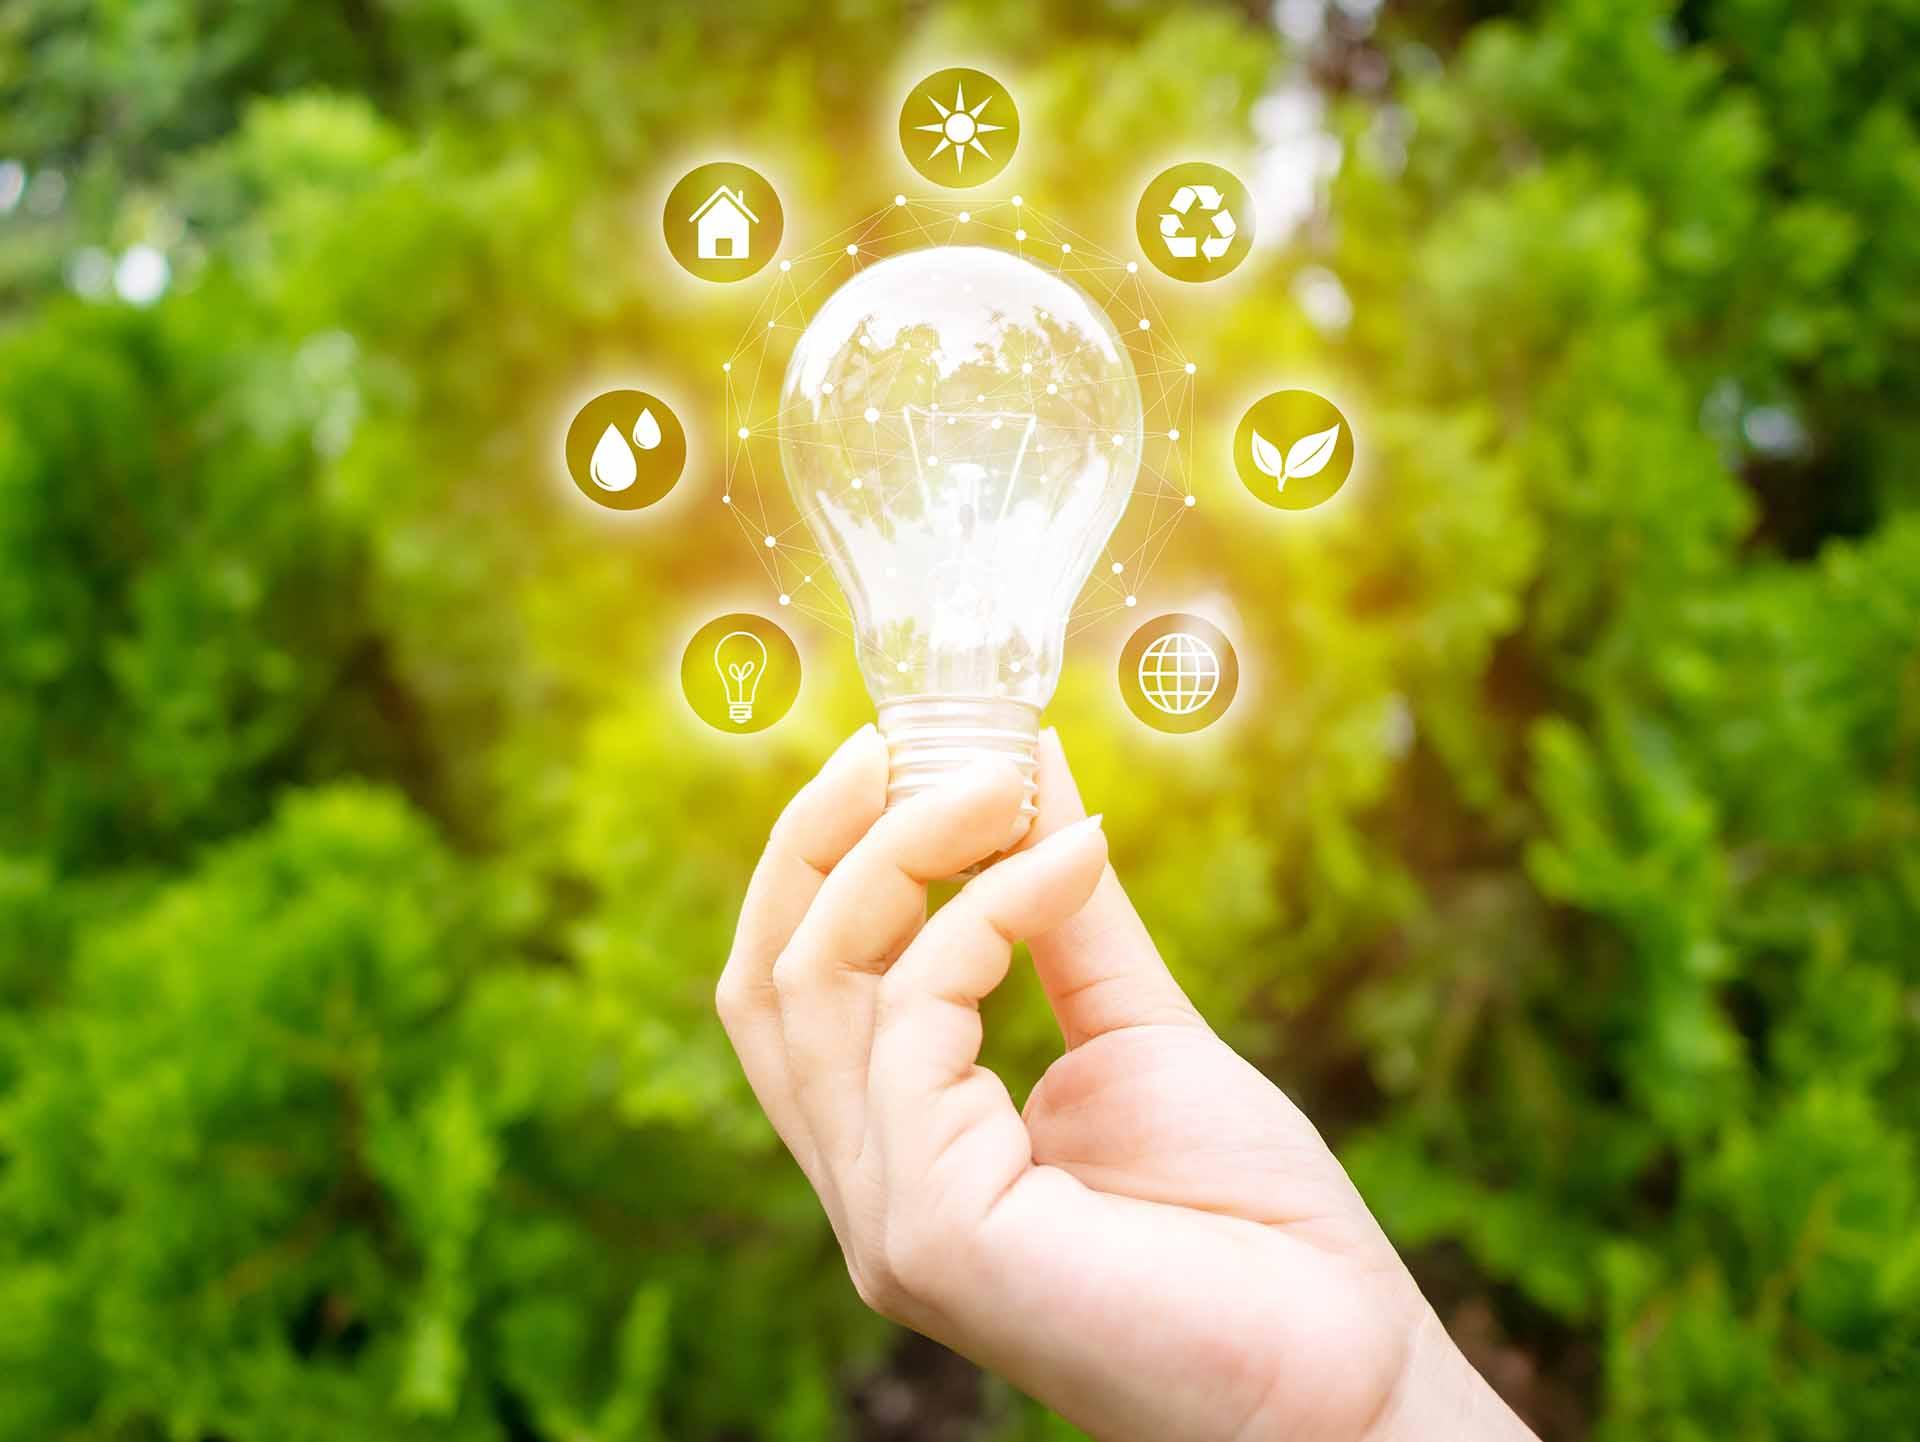 Rozwiązania do zarządzania energią w budynkach poszukiwane w Portugalii